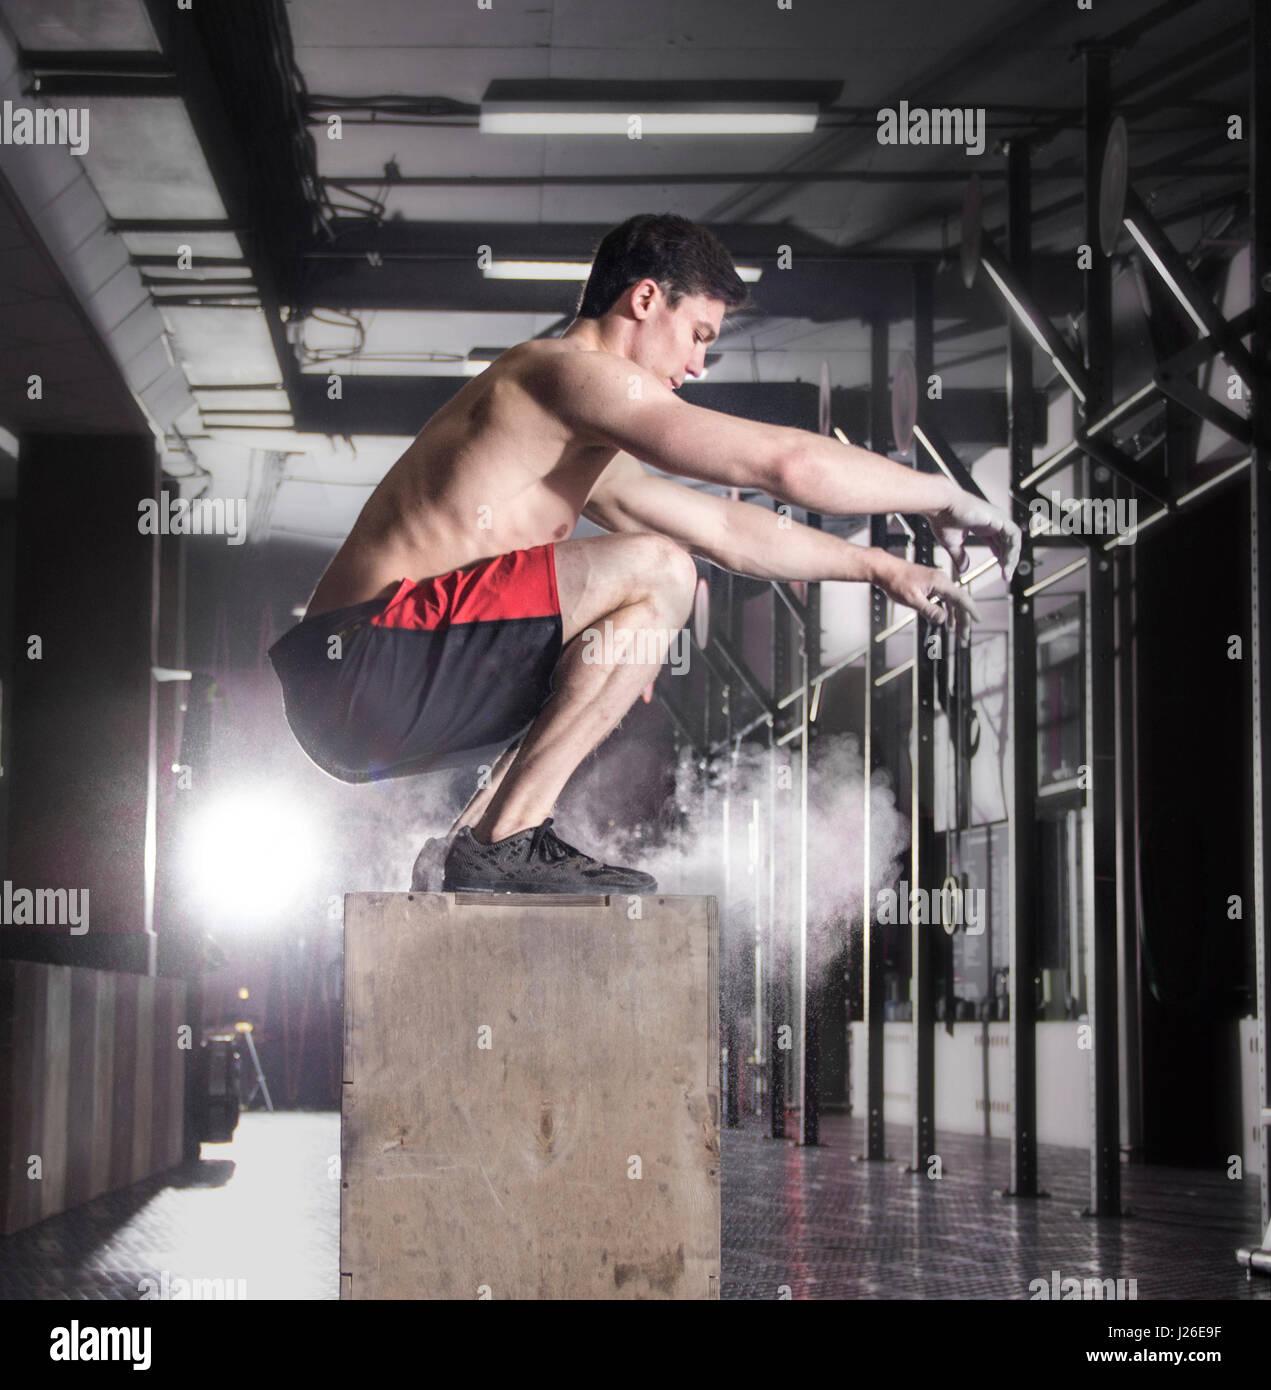 Colocar cuadro joven saltando en un gimnasio crossfit.atleta es performin Imagen De Stock